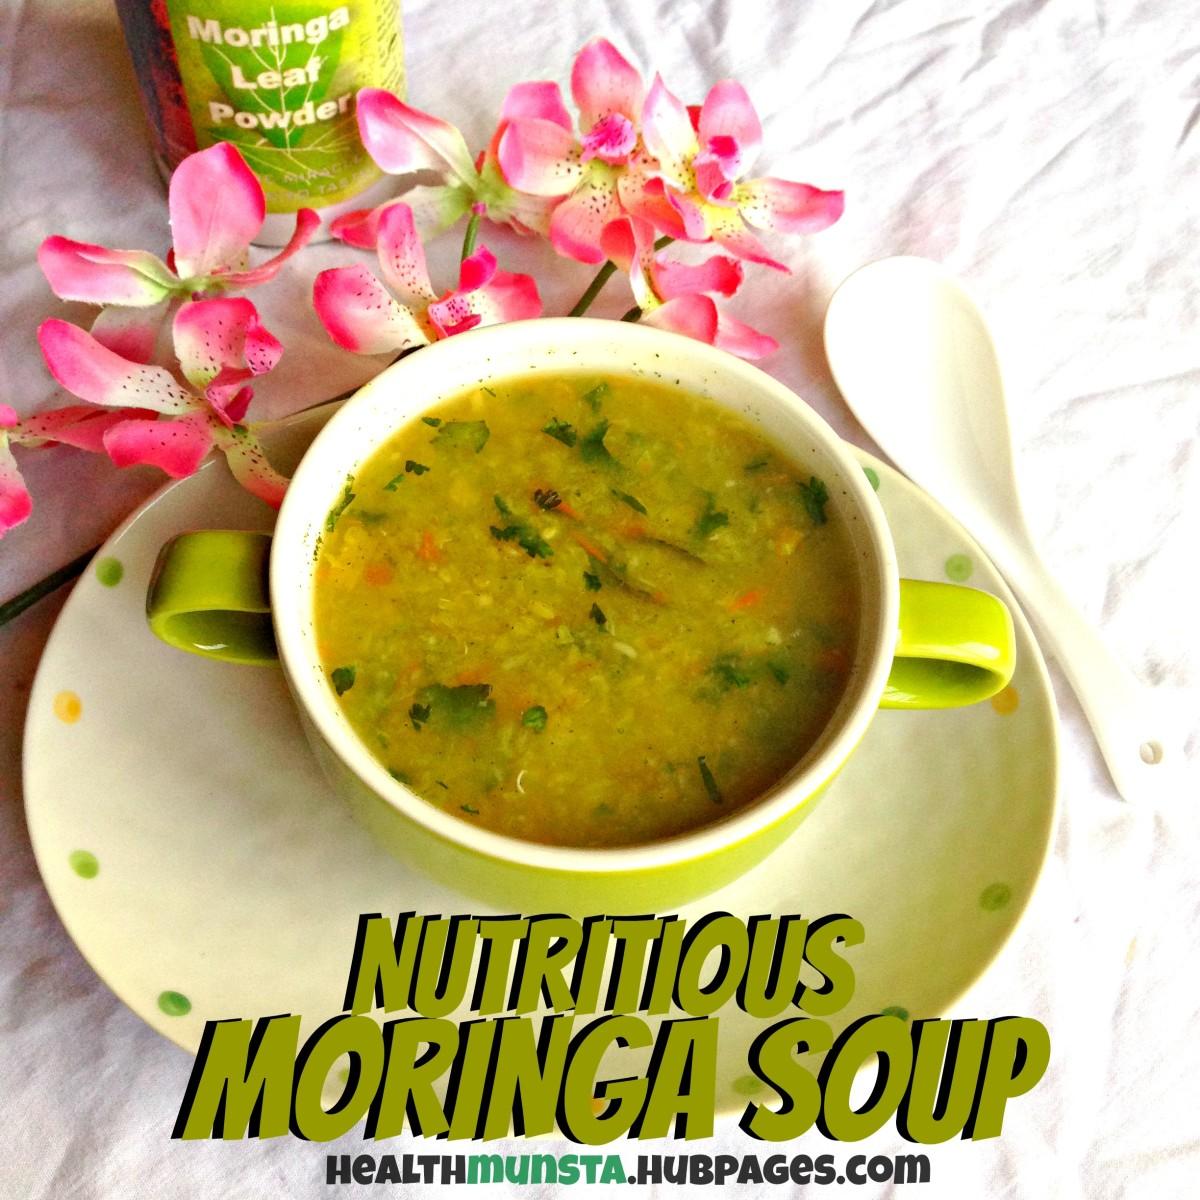 Nutritious Moringa Soup Recipe With A Creamy Lentil Base